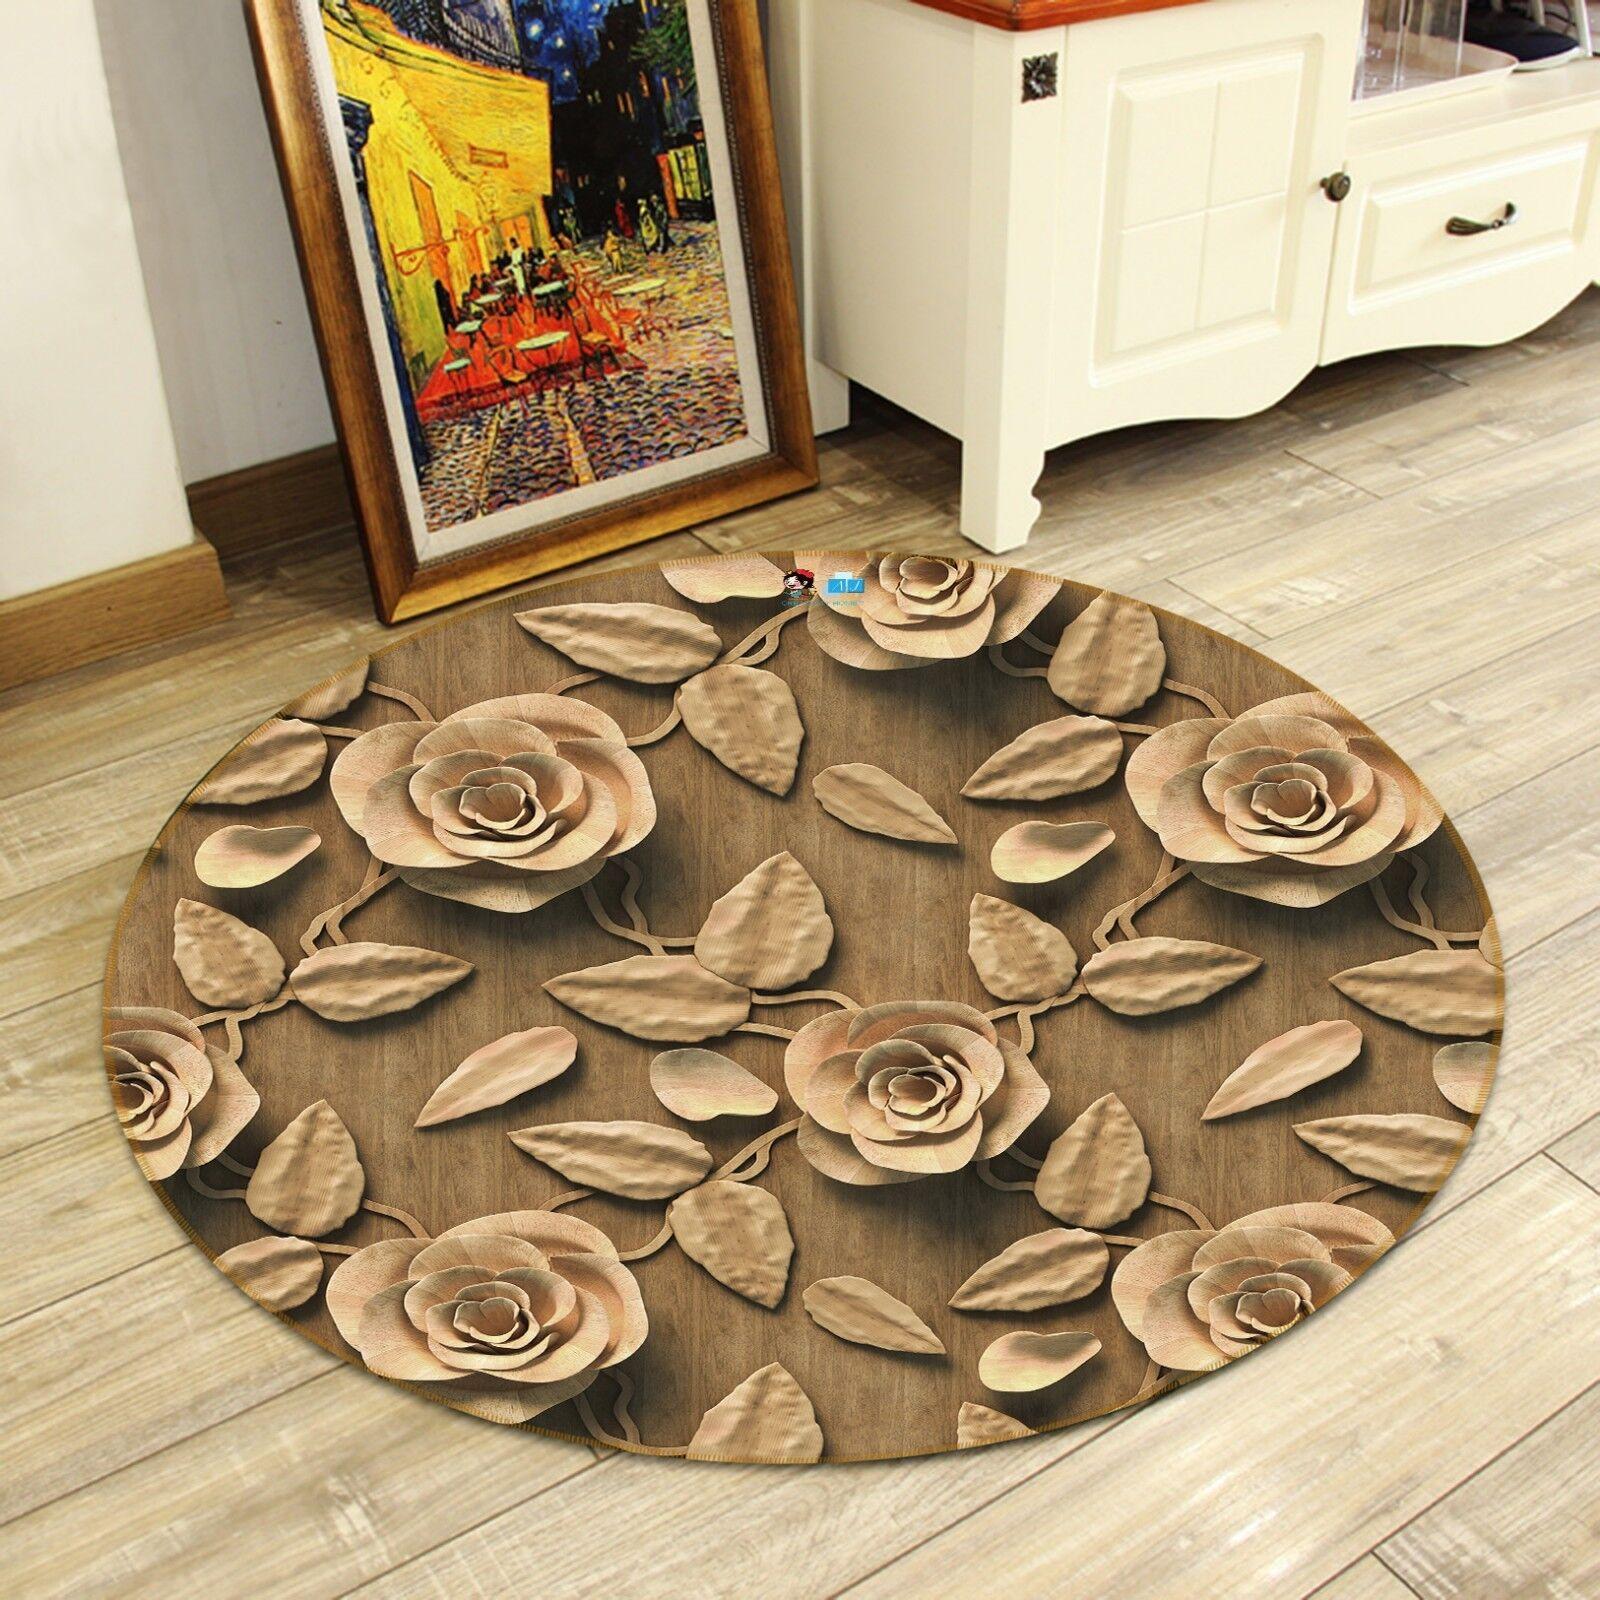 3D Retrò Fiore 8 antiscivolo tappeto camera Tappetino Tondo Qualità Elegante foto Tappeto UK